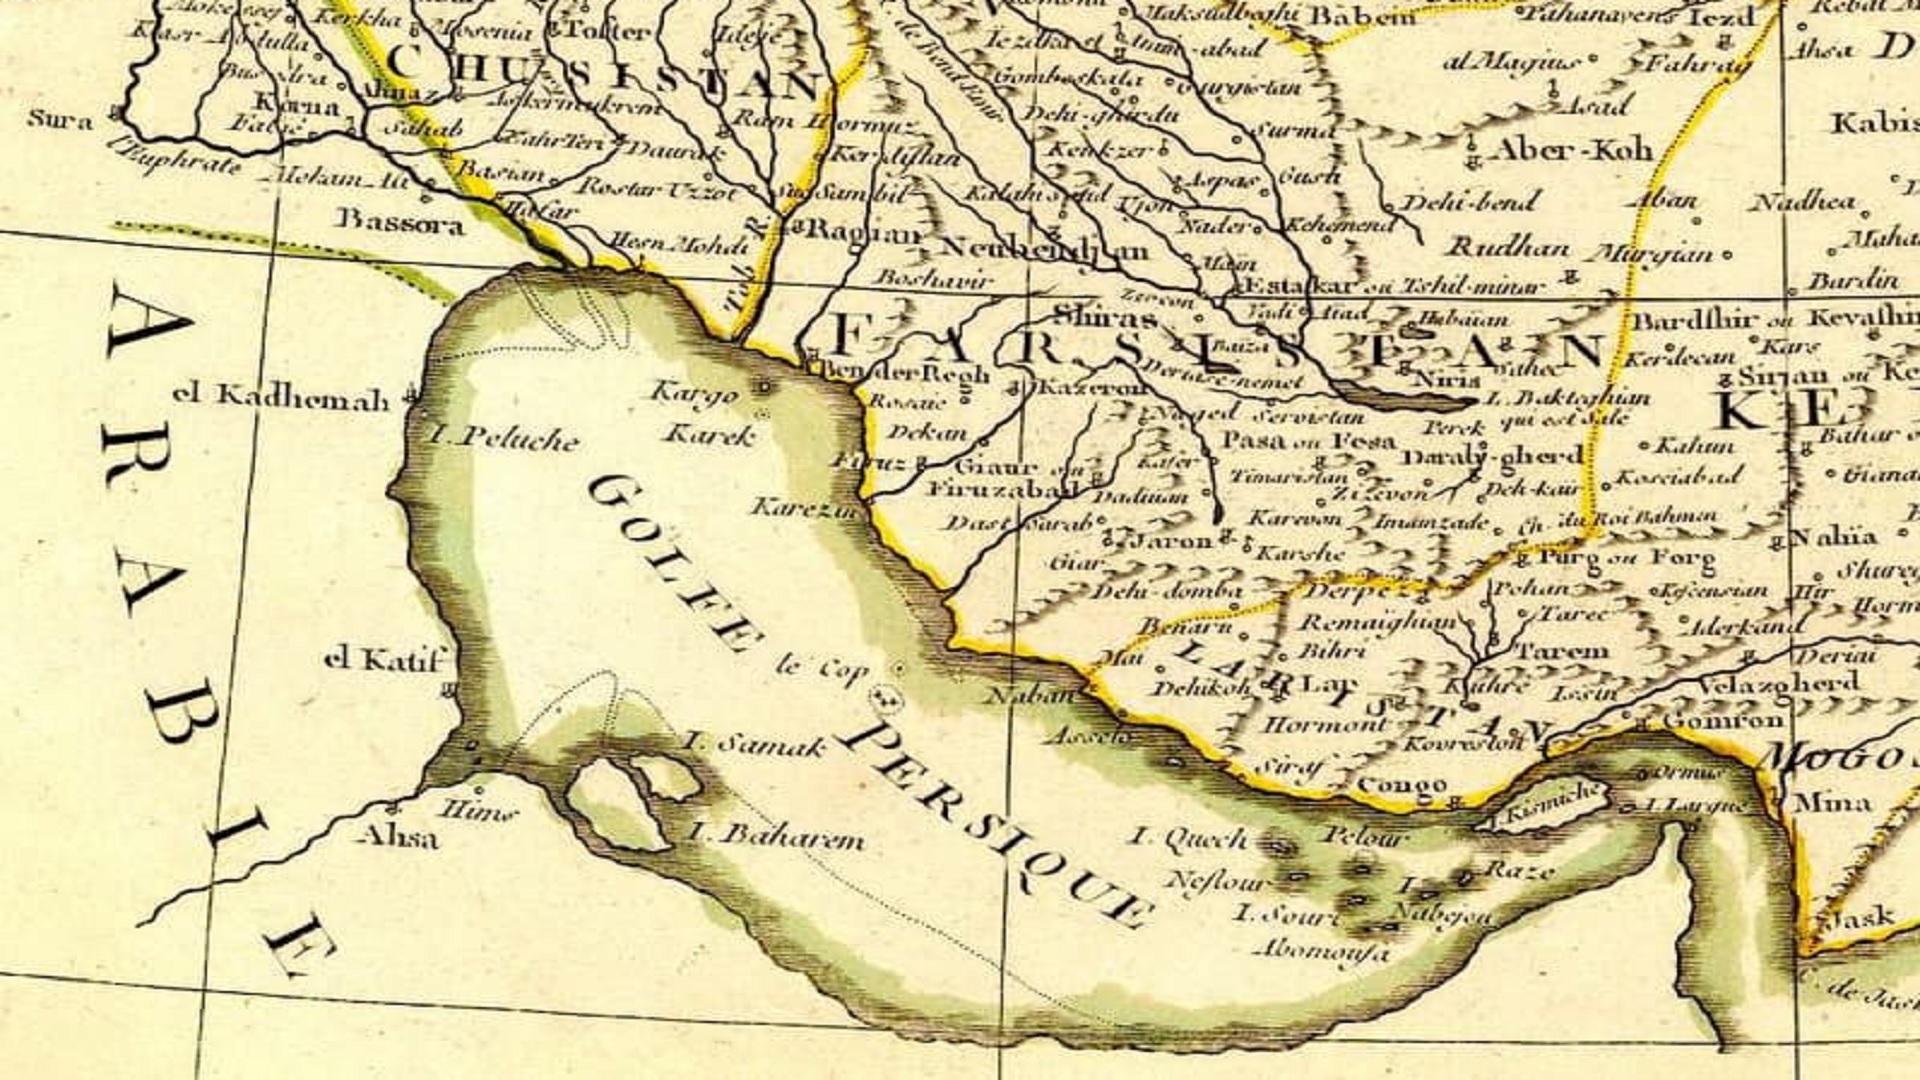 خرائط الخليج العربي خلال قرون ثلاثة